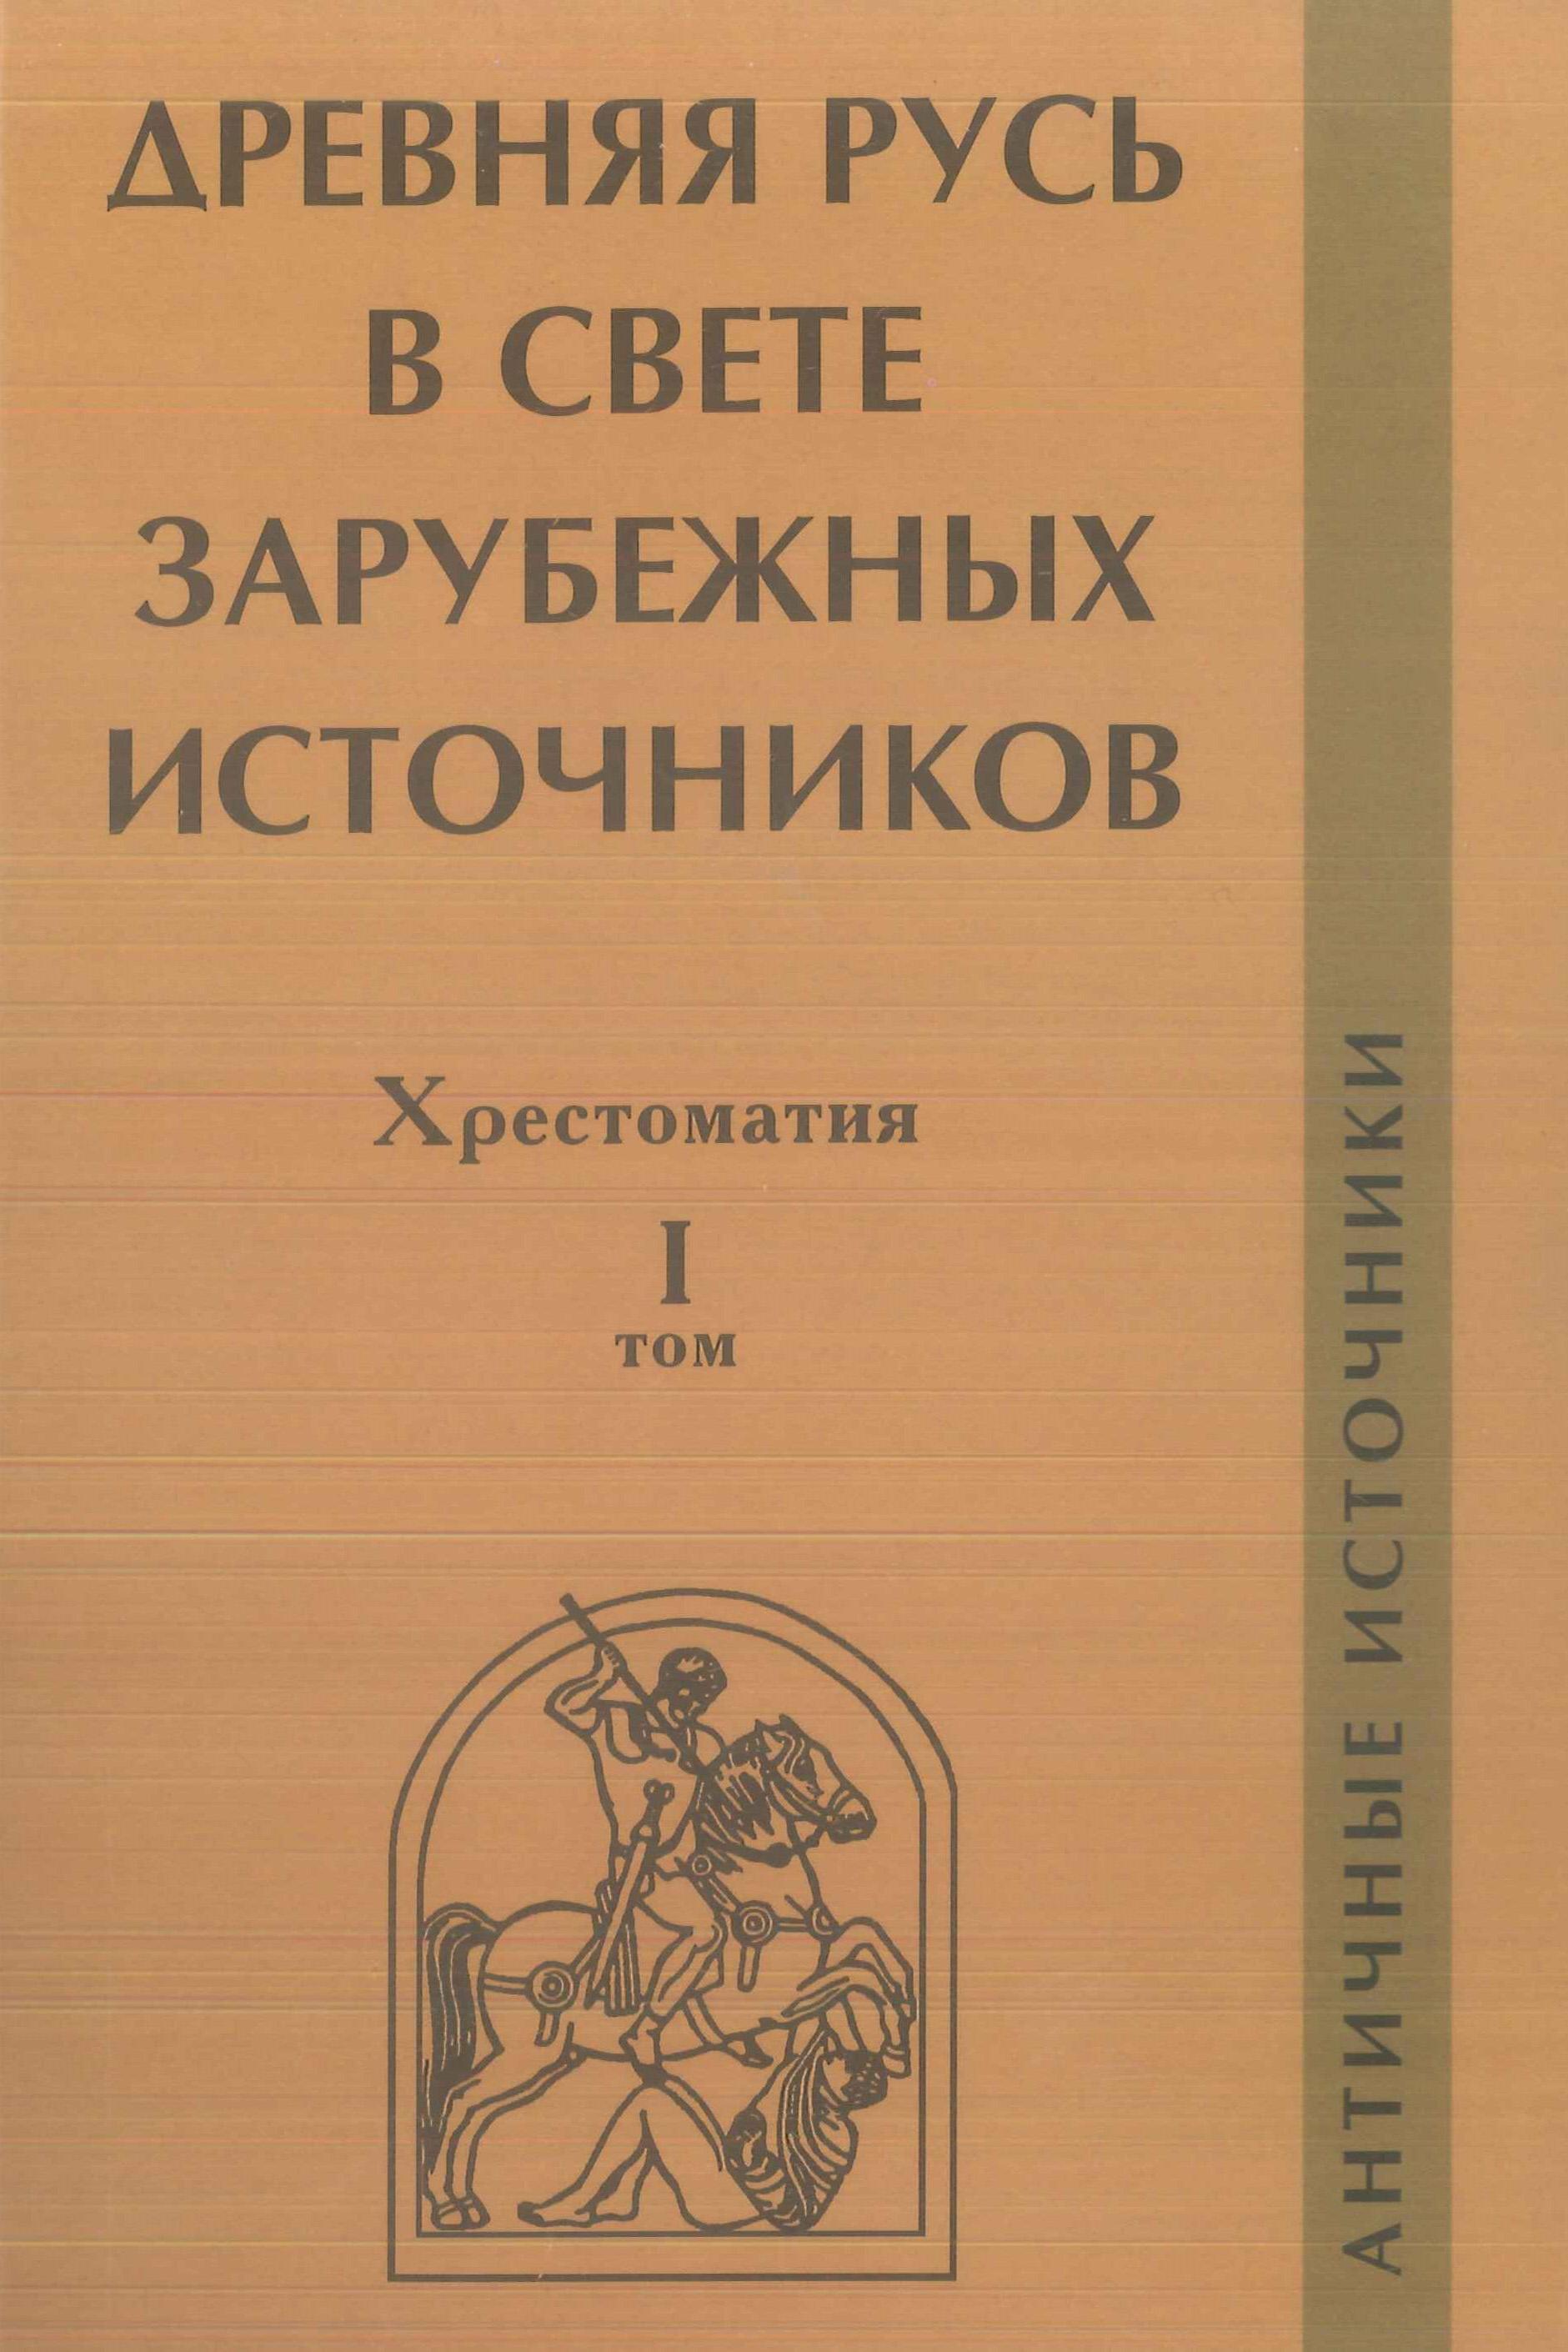 Отсутствует Древняя Русь  свете зарубежных источников. Том I. Античные источники